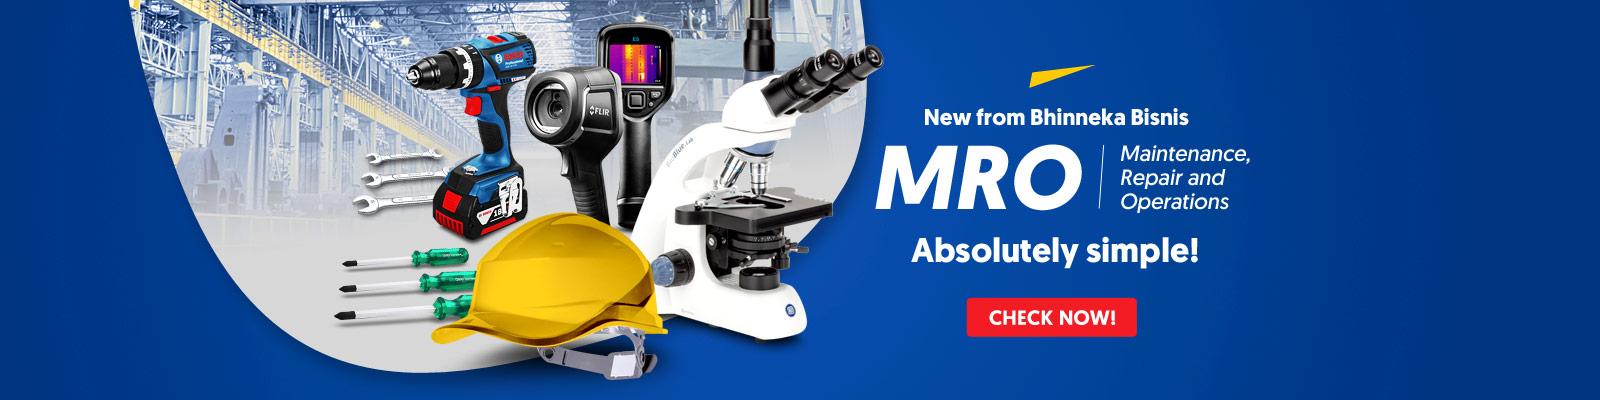 MRO (Maintenance, Repair and Operations)